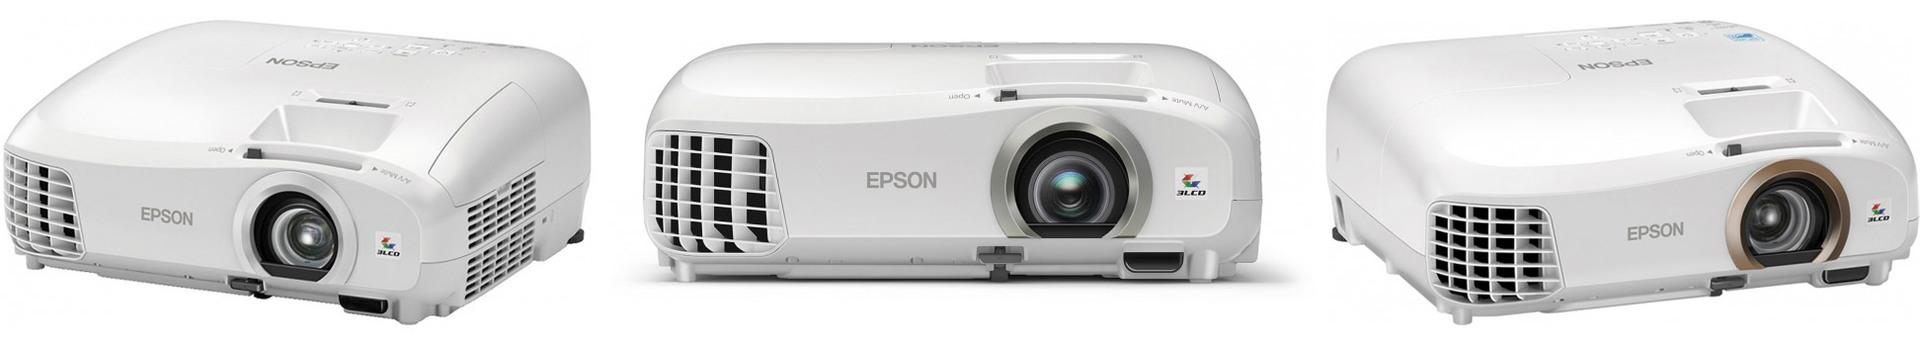 Новинки в линейке домашних проекторов Epson: встречайте Epson EH-TW6700-6800-7300-9300 и лазерный Epson LS10500 - 2